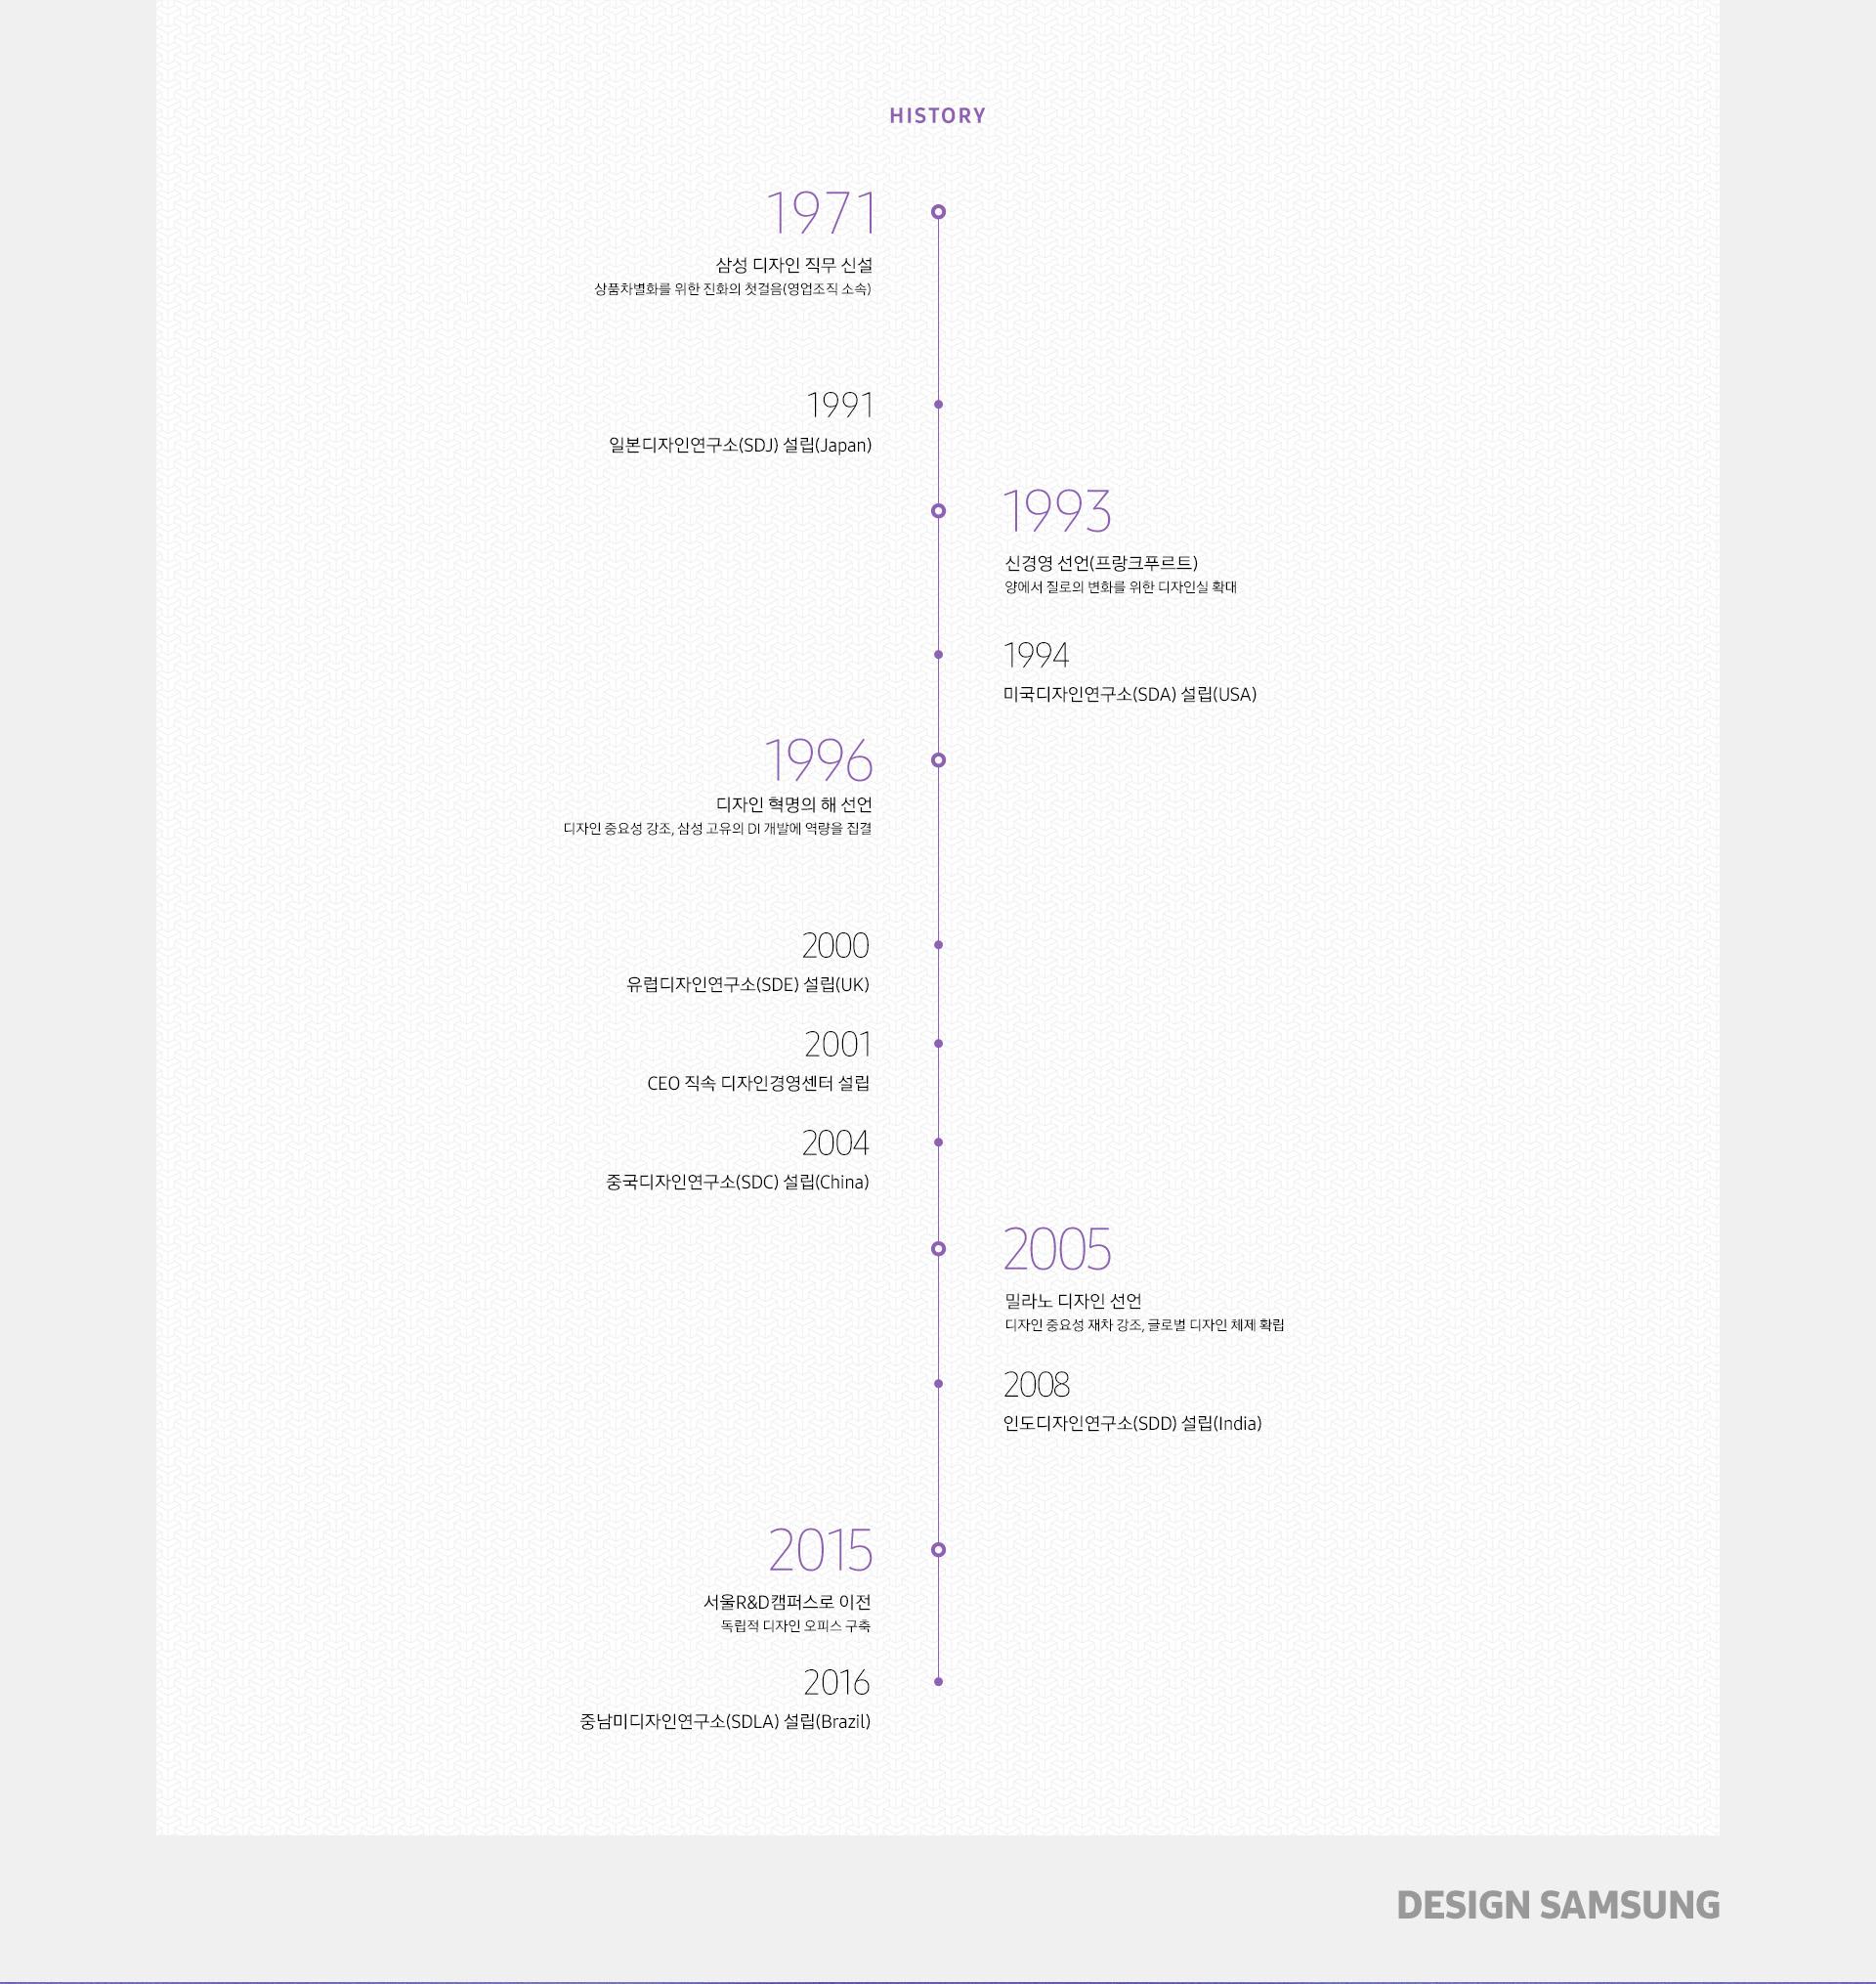 [History]  1971 삼성 디자인 직무 신설 : 상품차별화를 위한 진화의 첫걸음(영업조직 소속)  1991 일본디자인연구소(SDJ) 설립(Japan)  1993 신경영 선언(프랑크푸르트) : 양에서 질로의 변화를 위한 디자인실 확대  1994 미국디자인연구소(SDA) 설립(USA)  1996 디자인 혁명의 해 선언 : 디자인 중요성 강조, 삼성 고유의 DI 개발에 역량을 집결  2000 유럽디자인연구소(SDE) 설립(UK)  2001 CEO 직속 디자인경영센터 설립  2004 중국디자인연구소(SDC) 설립(China)  2005 밀라노 디자인 선언 : 디자인 중요성 재차 강조, 글로벌 디자인 체제 확립  2008 인도디자인연구소(SDD) 설립(India)  2015 서울R&D캠퍼스로 이전 : 독립적 디자인 오피스 구축  2016 중남미디자인연구소(SDLA) 설립(Brazil)